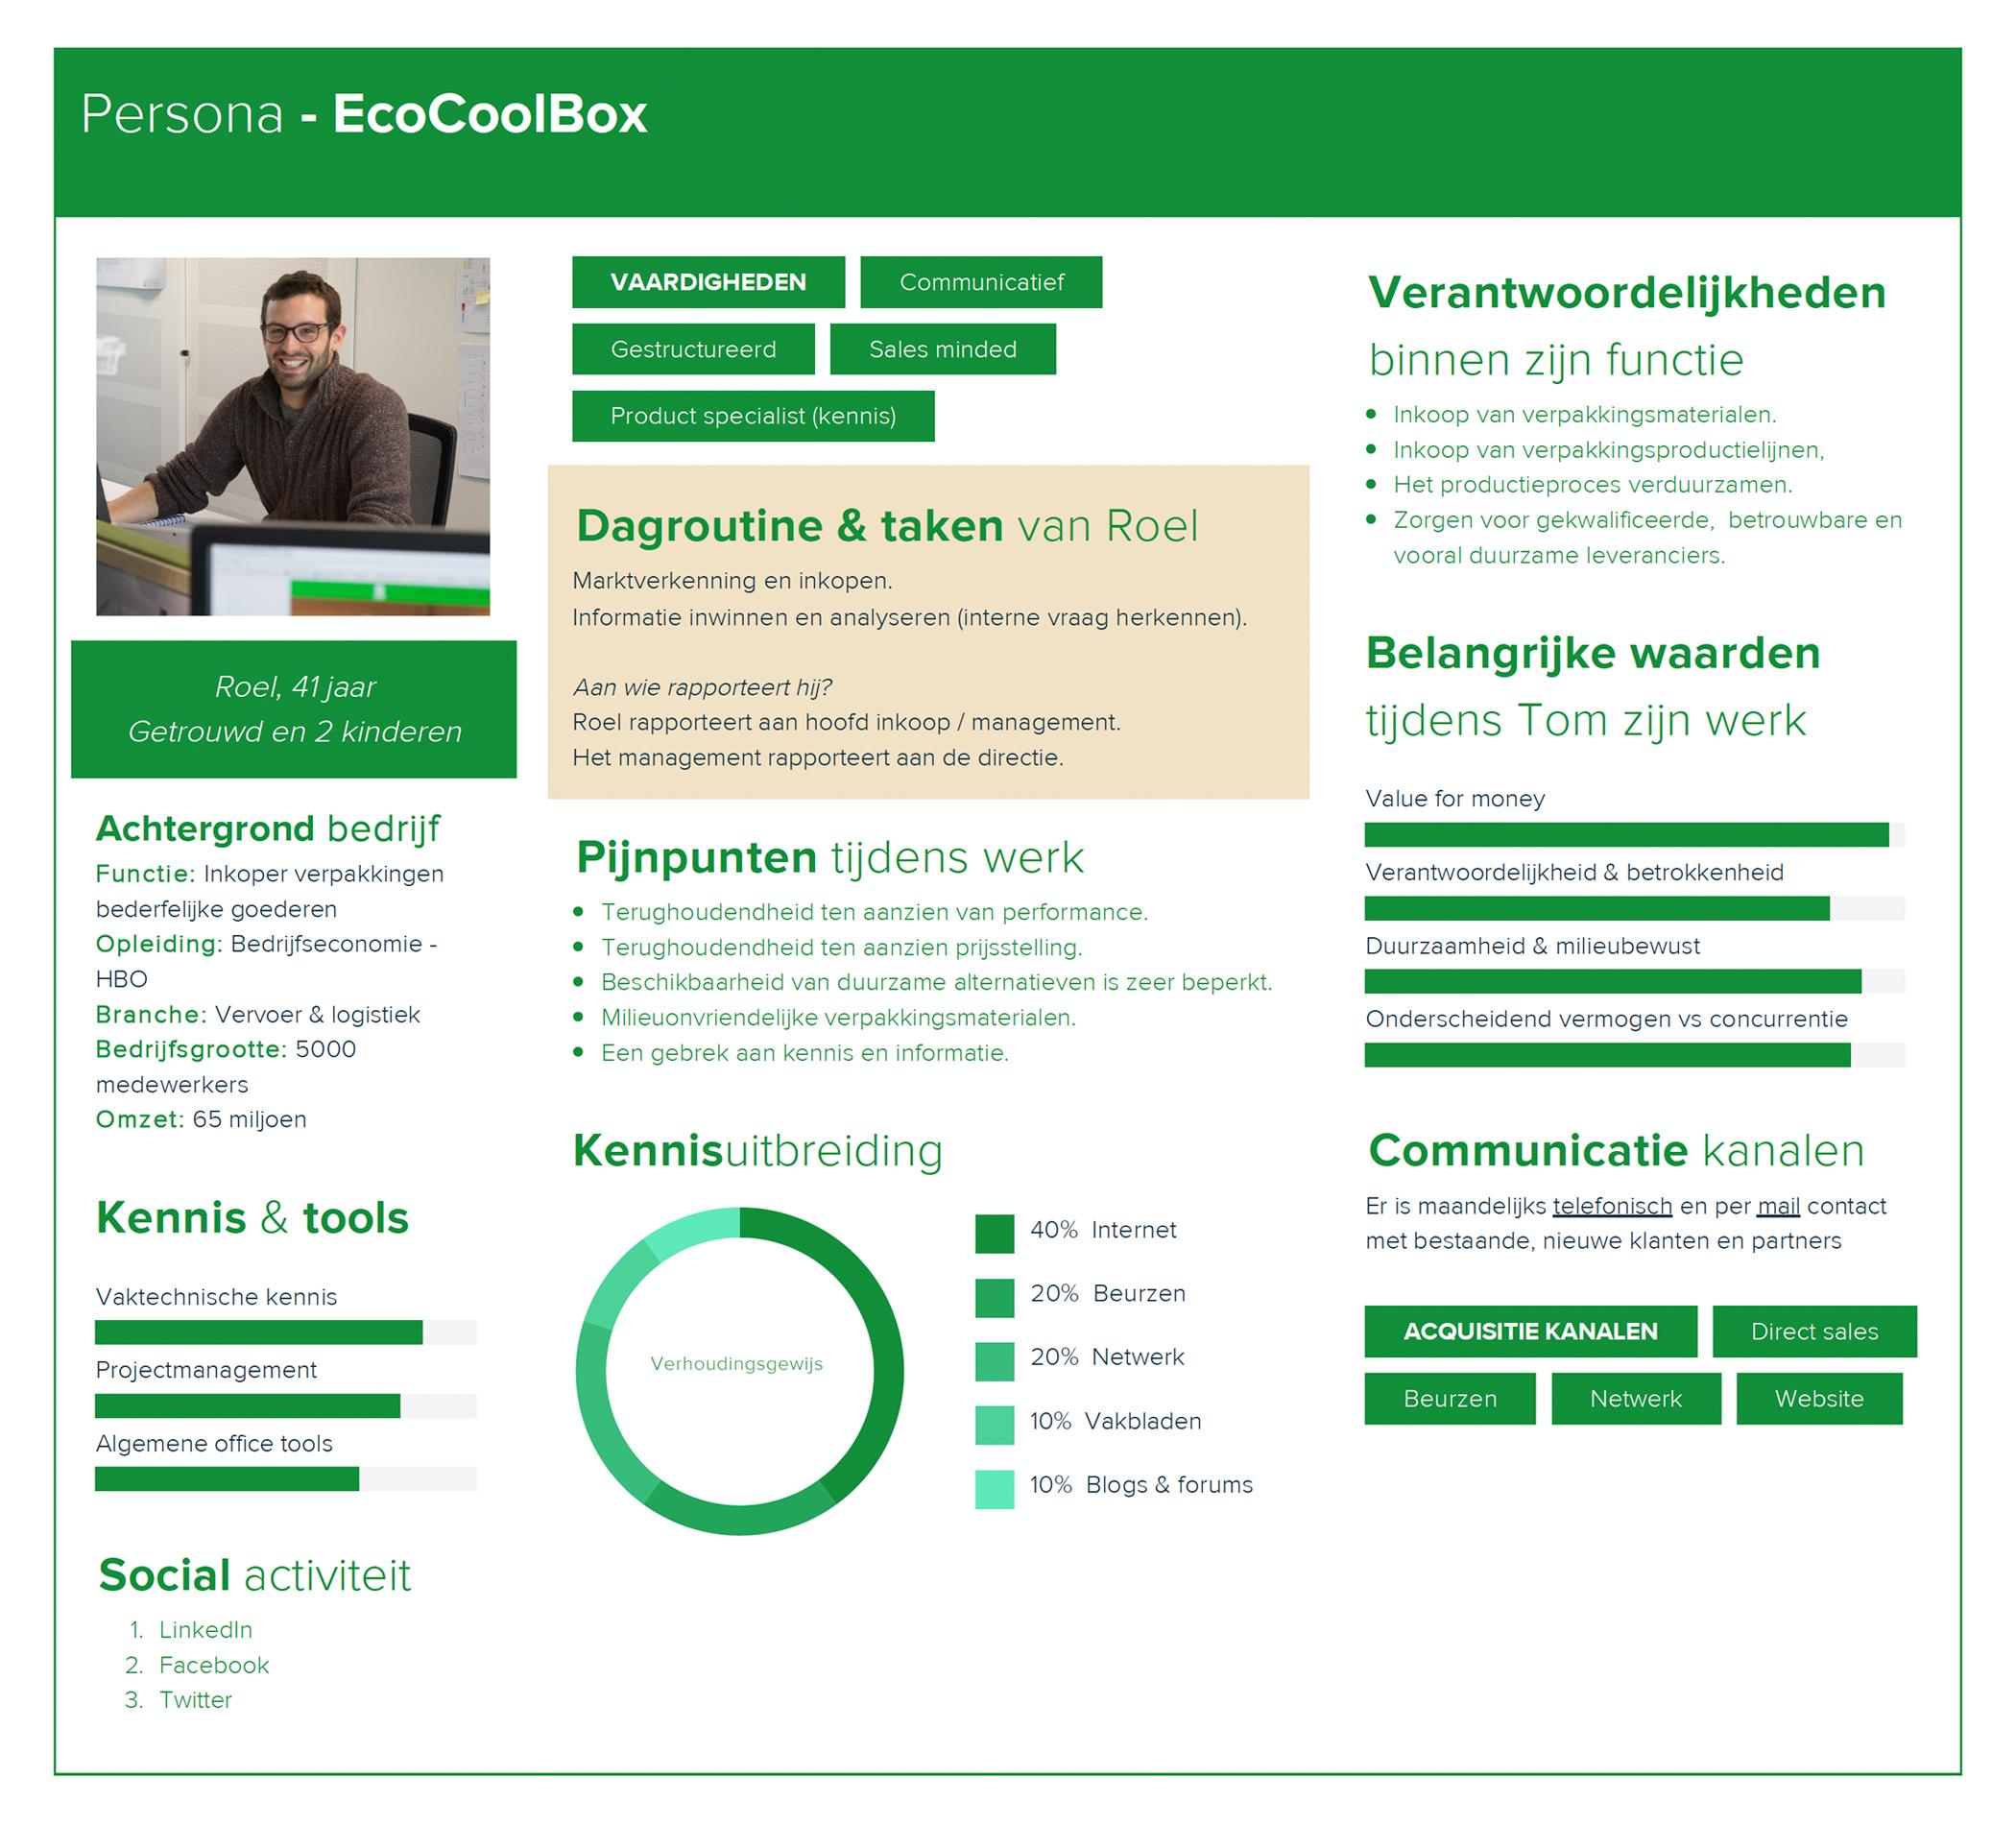 afbeelding ontwerp persona voor klant ecocoolbox. bevat foto, naam, wensen, kennis, dagroutine, verantwoordelijkheden en communicatieve eigenschappen